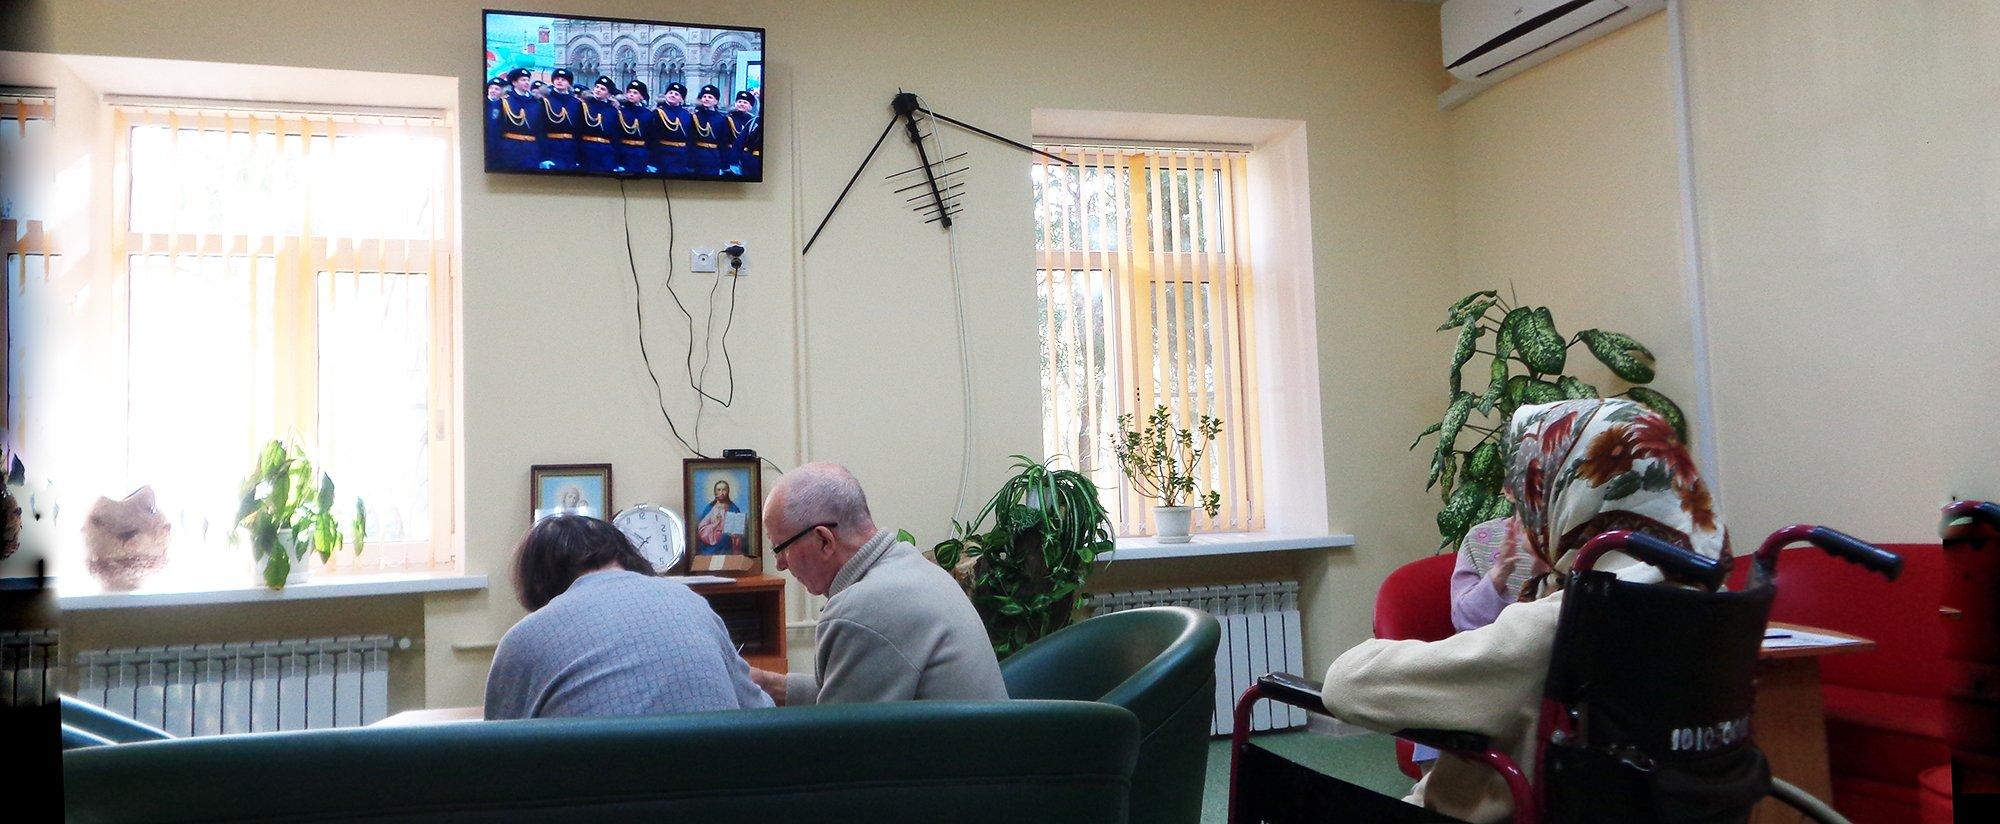 Для пожилых пациентов больницы провели занятие, посвященное годовщине Октябрьской революции